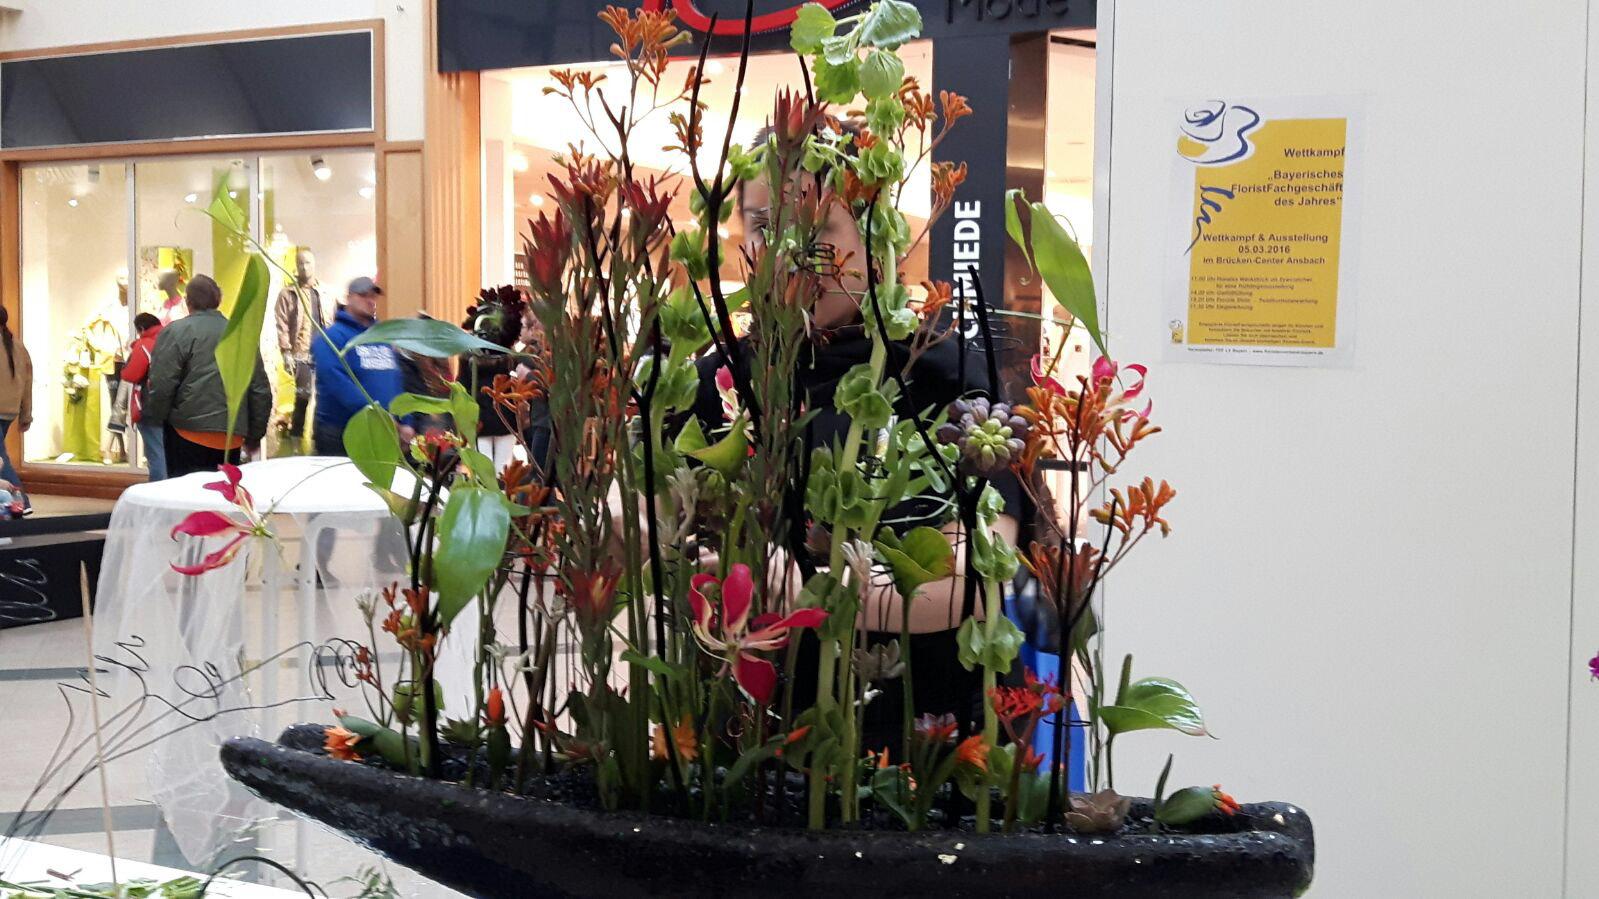 Florist_Geschäft_des_Jahres16-24